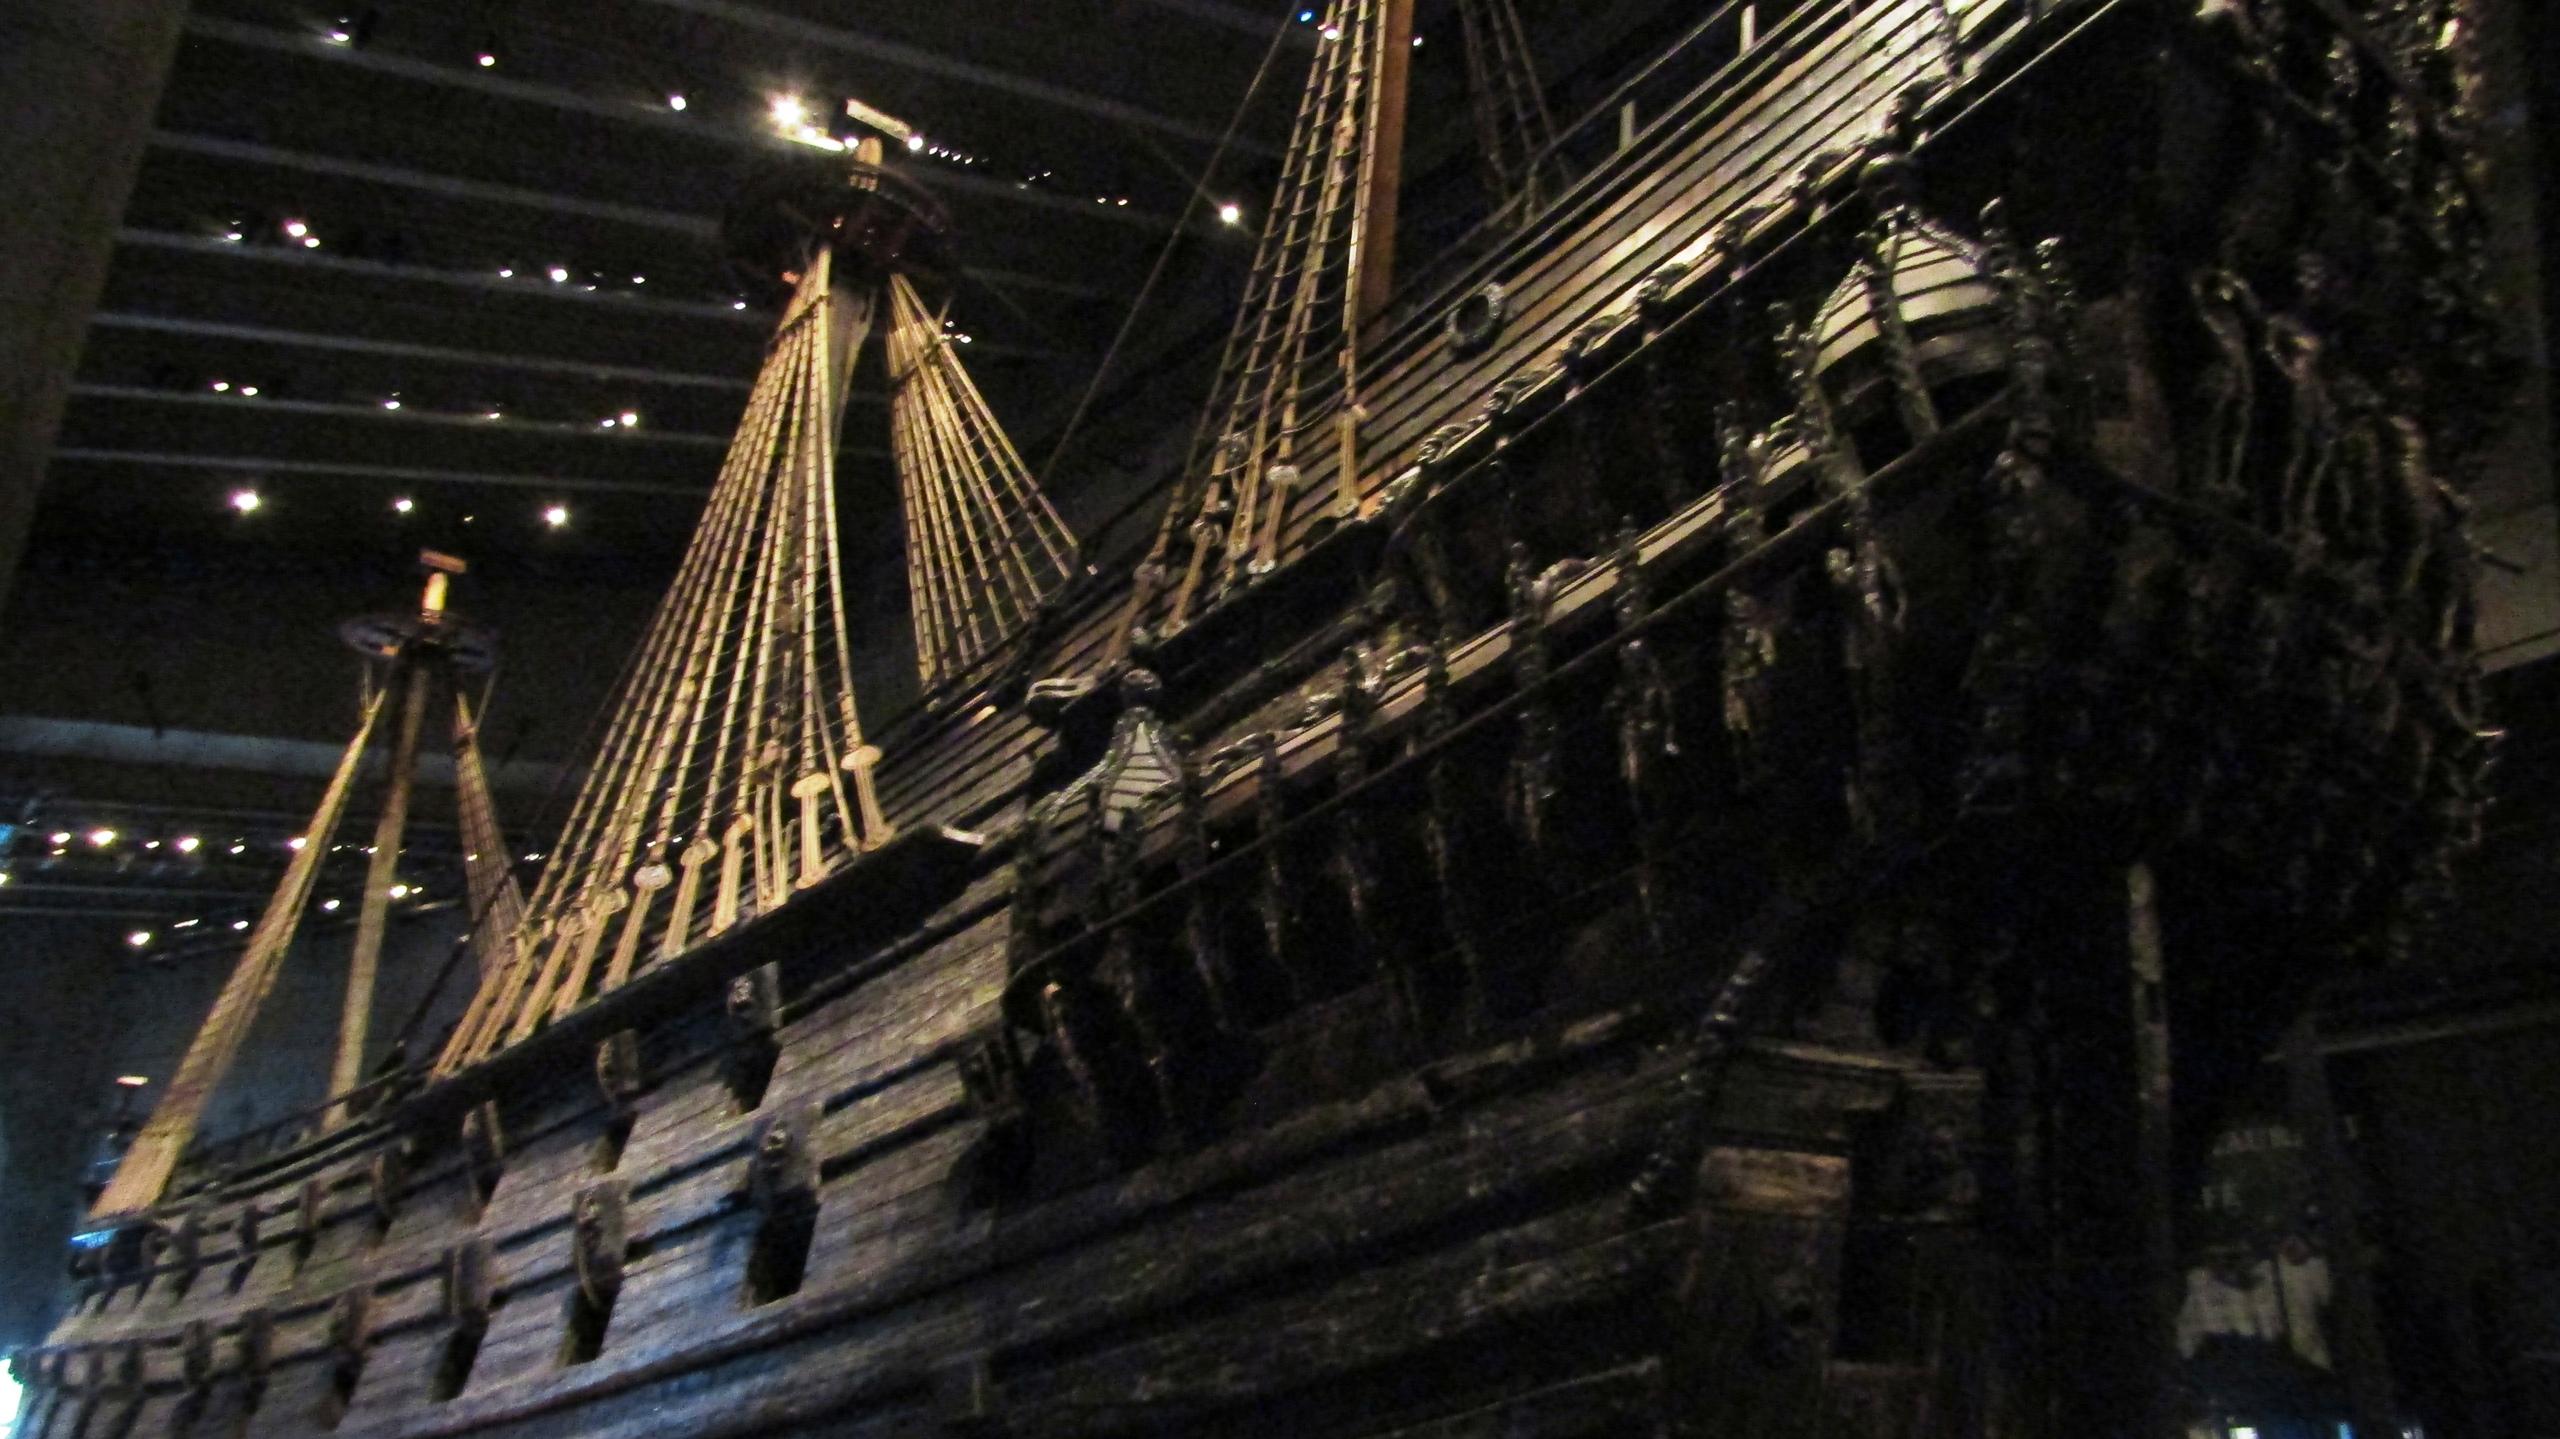 Музей Васа: единственный в мире сохранившийся до наших дней корабль XVII века